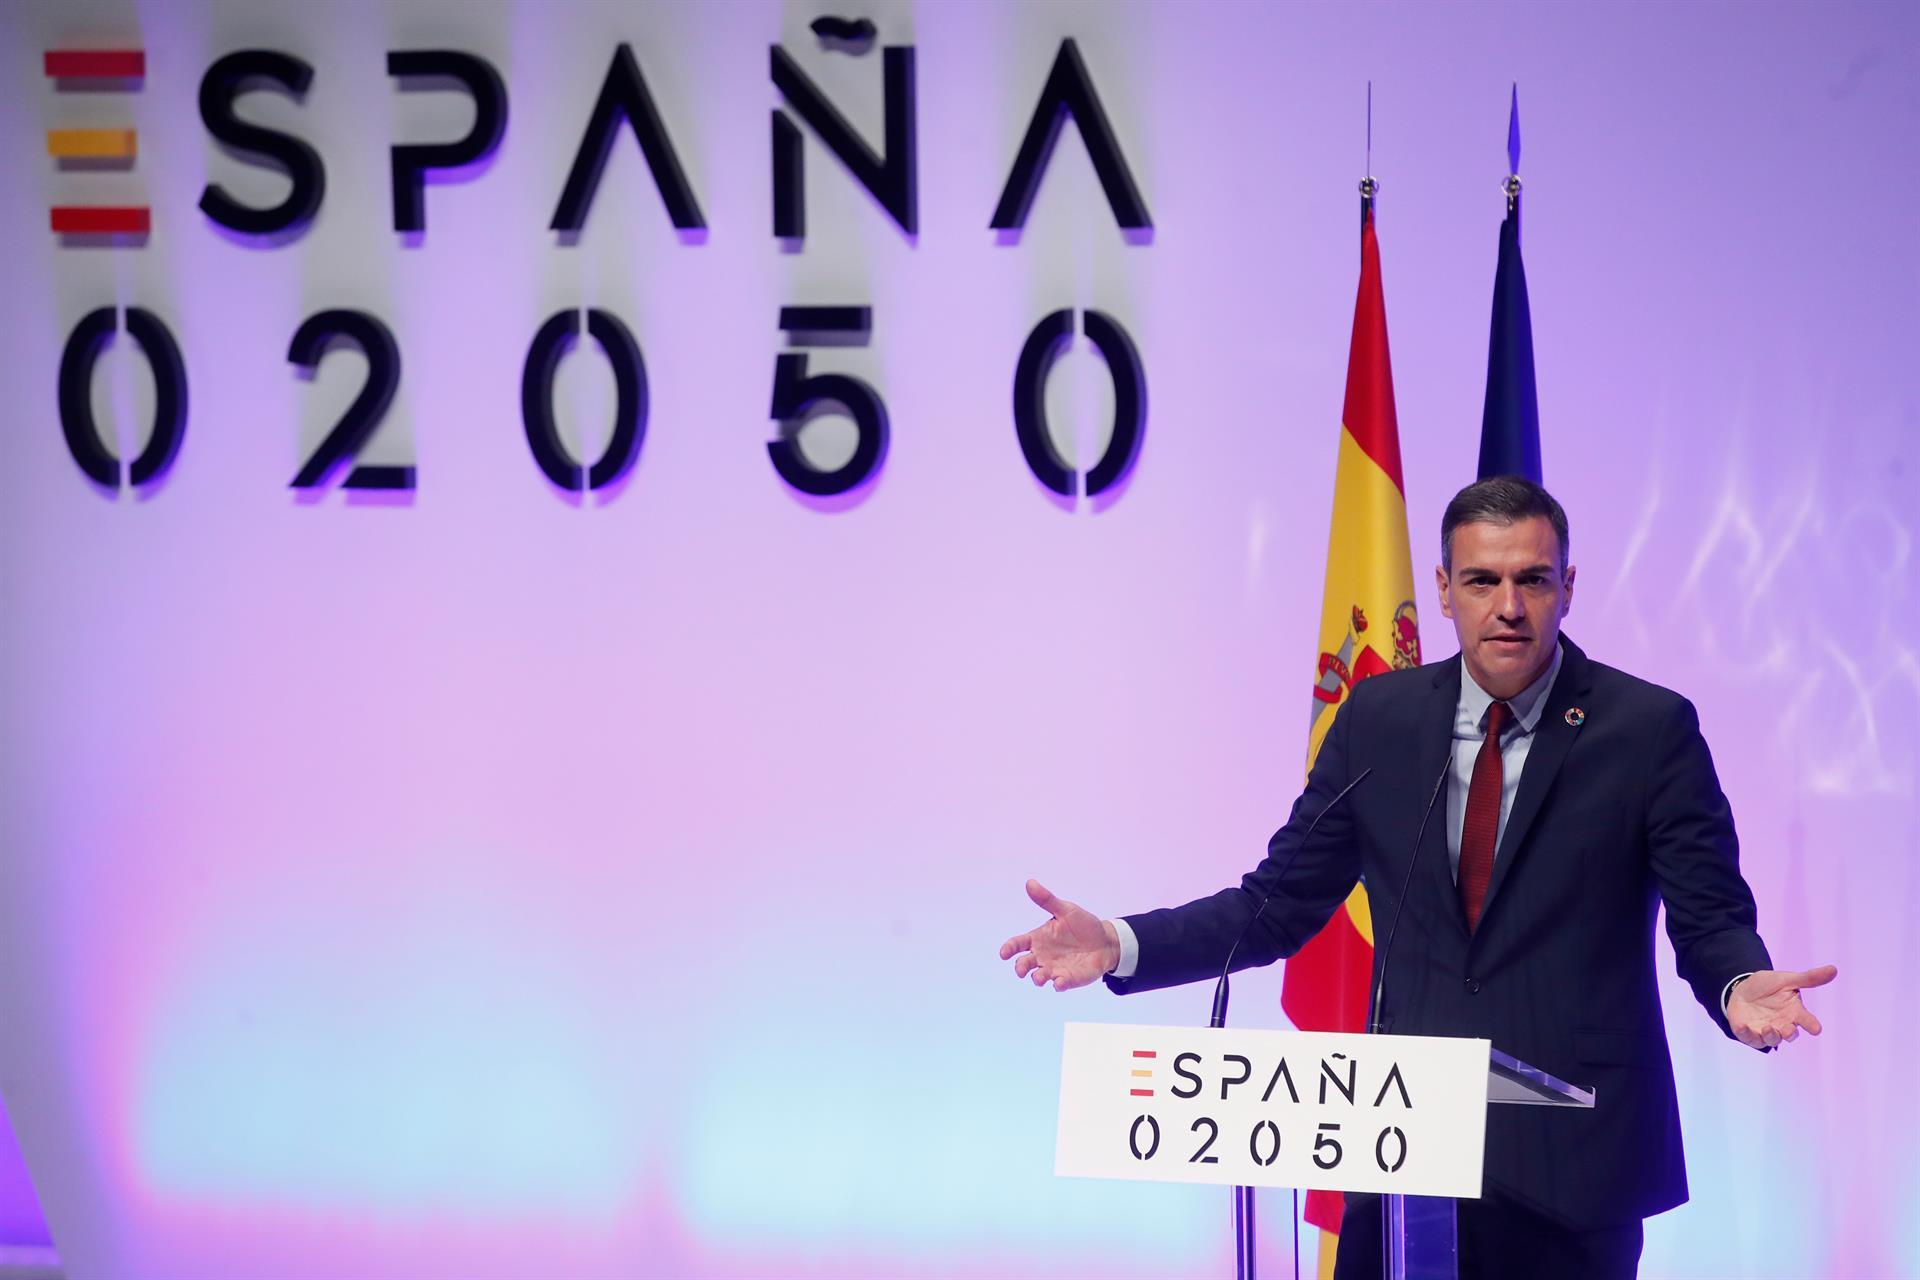 El presidente del Gobierno, Pedro Sánchez, durante la presentación del proyecto España 2050.- EFE